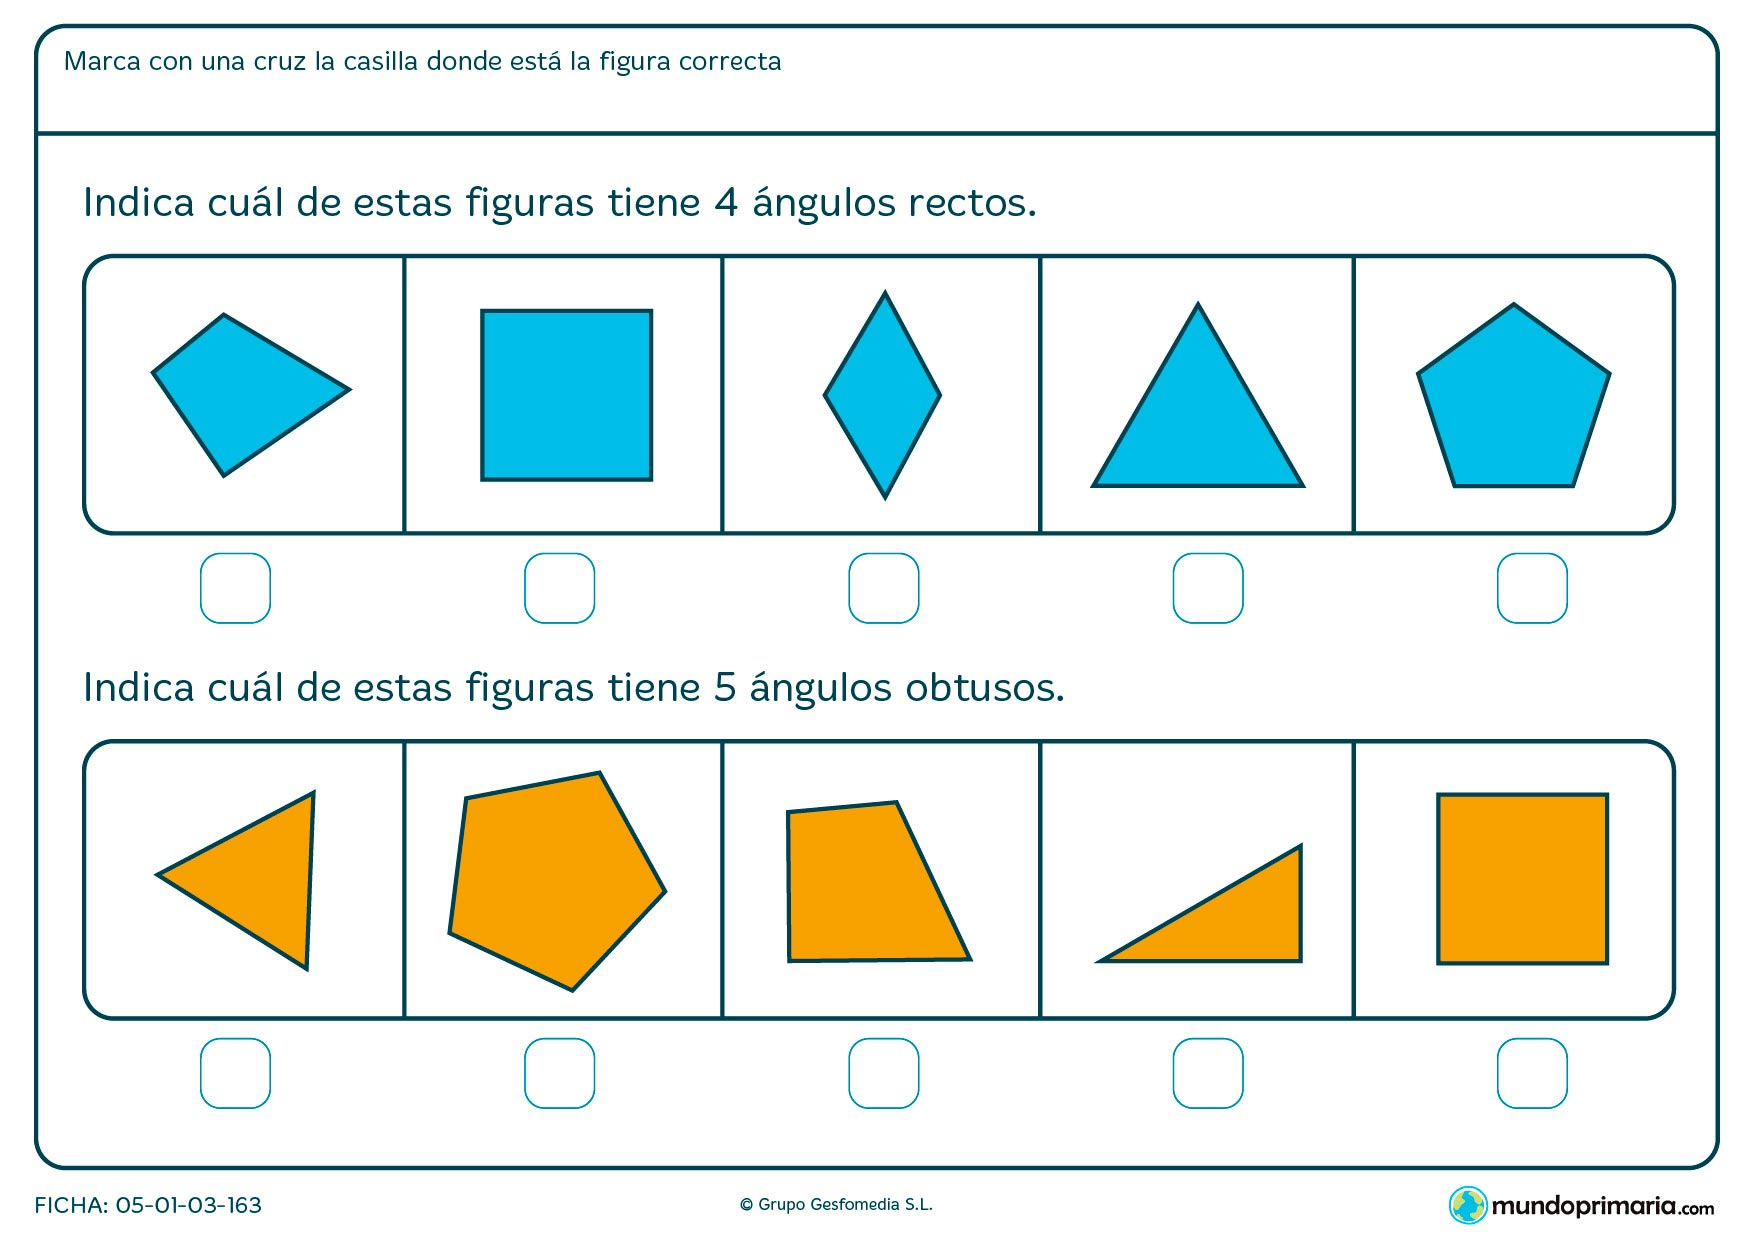 Ficha de ángulos rectos y obtusos en esta ficha de figuras geométricas en la que deberás señalar la respuesta correcta.